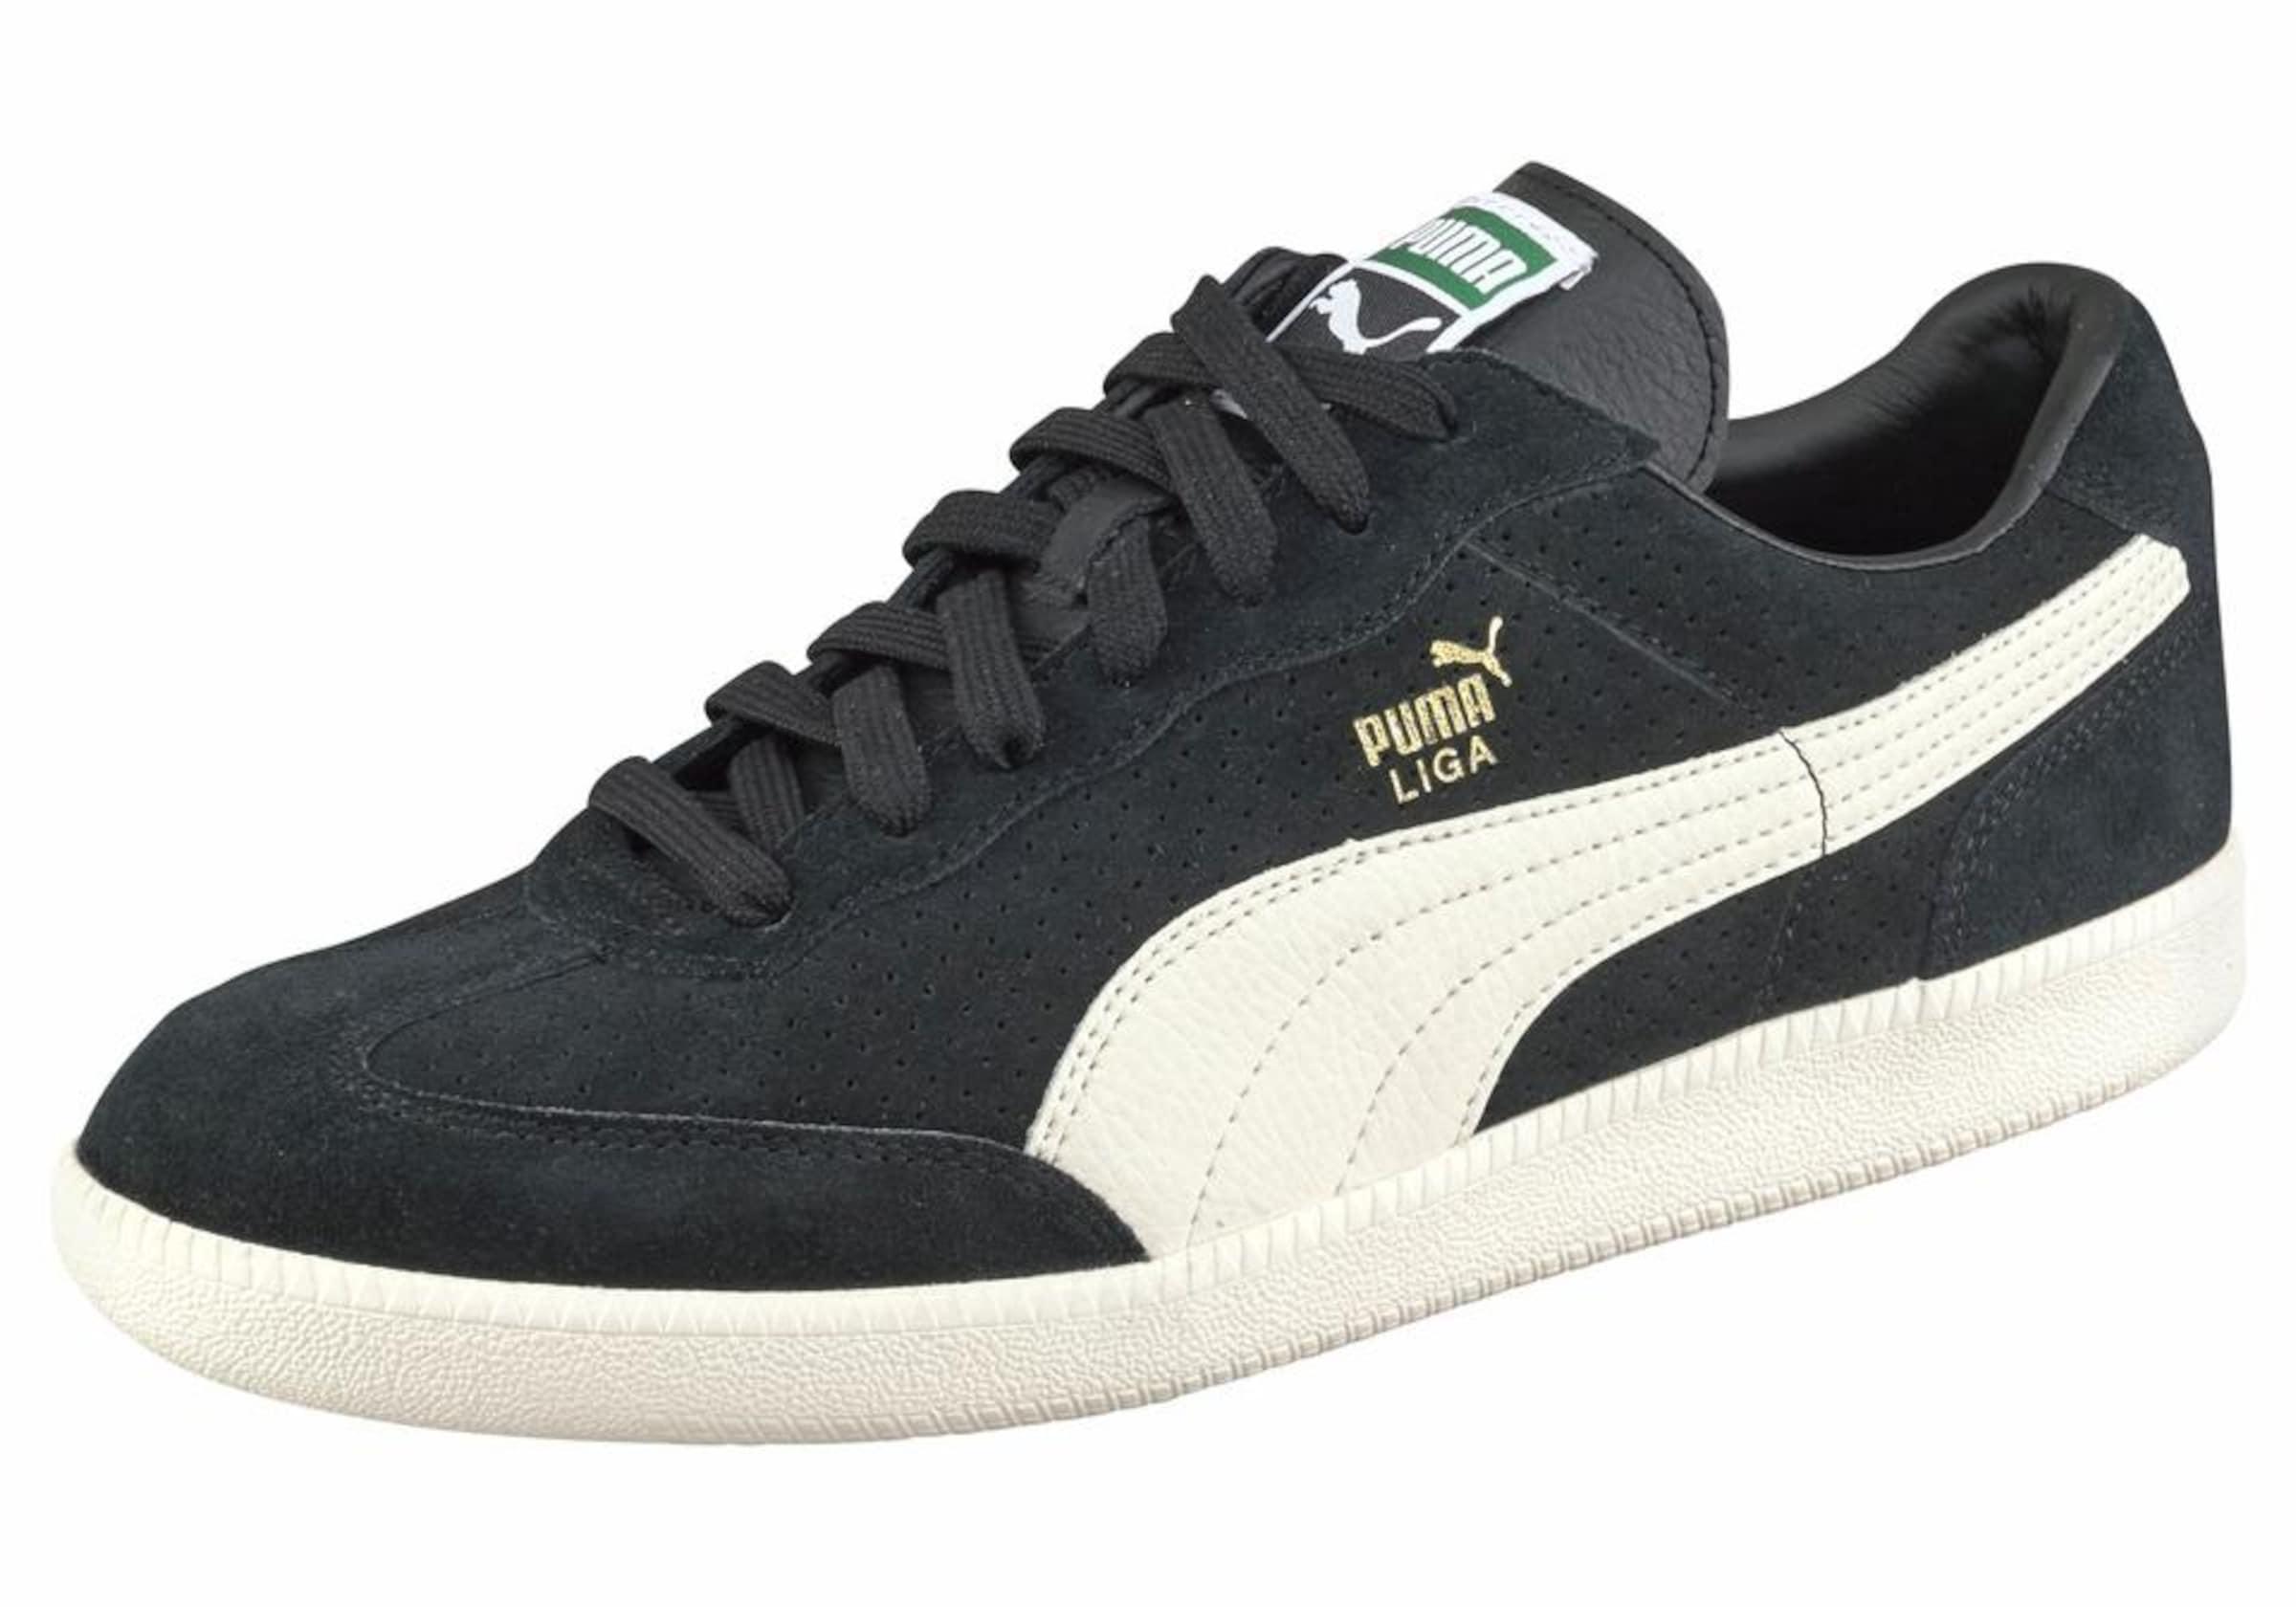 PUMA Sneaker Liga Suede Perf Hohe Qualität